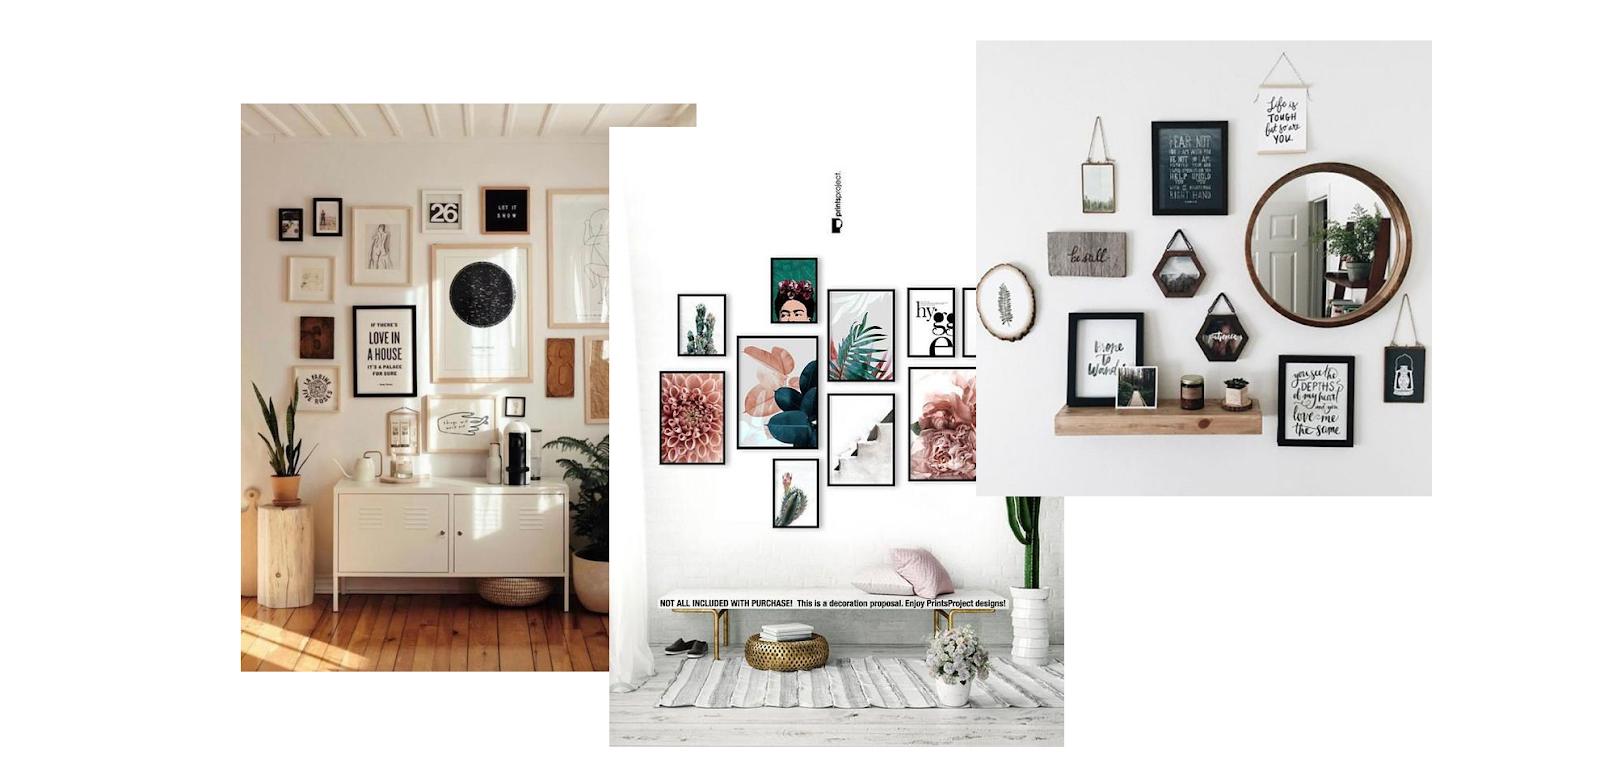 usar as paredes na decoração